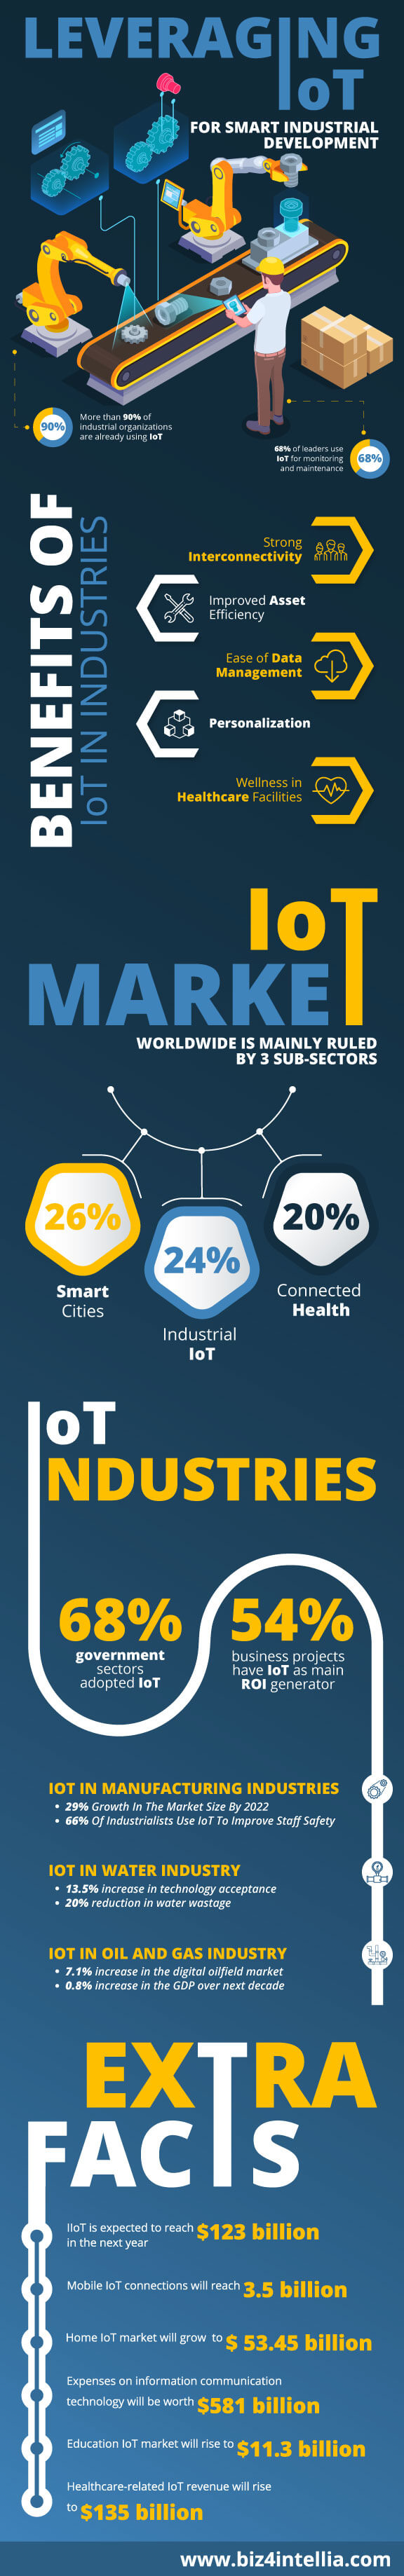 leveraging-iot-for-smart-industrial-development